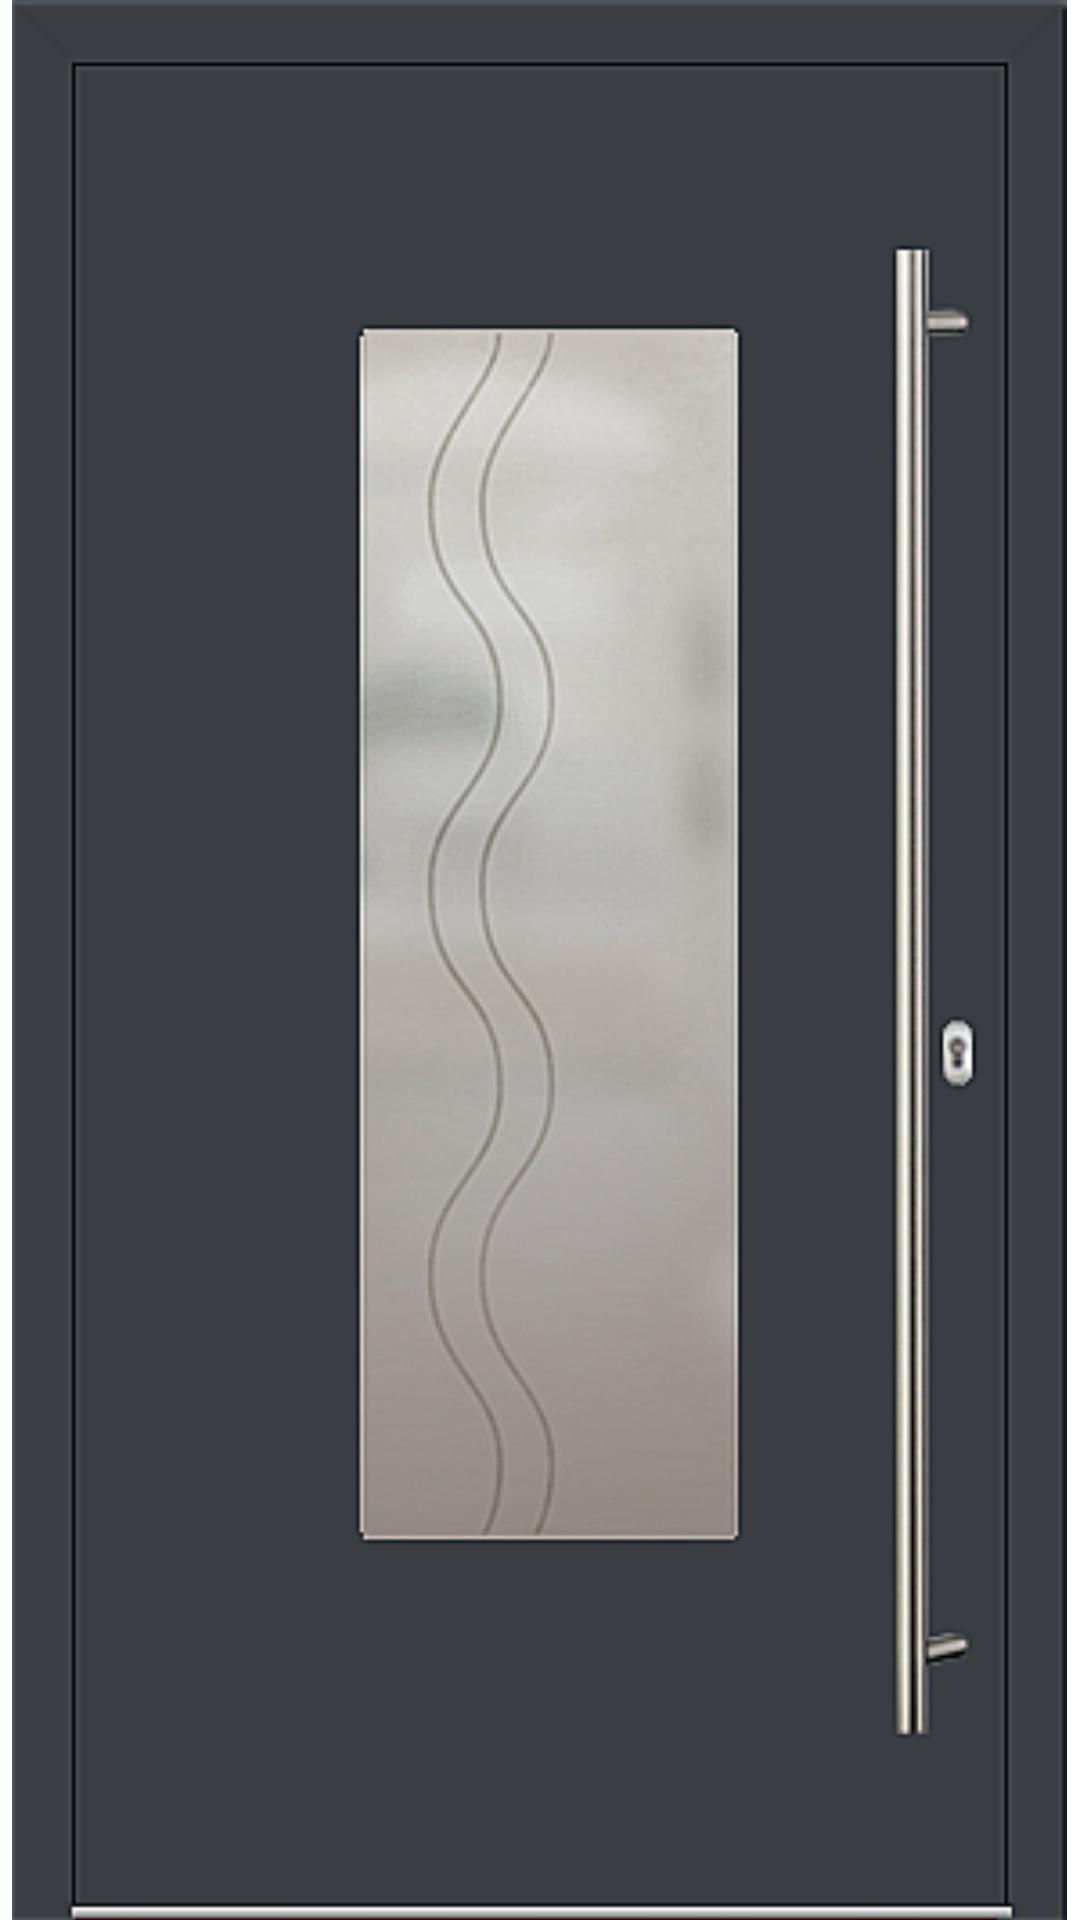 PaXentree Aluminium Haustür M01220 anthrazitgrau